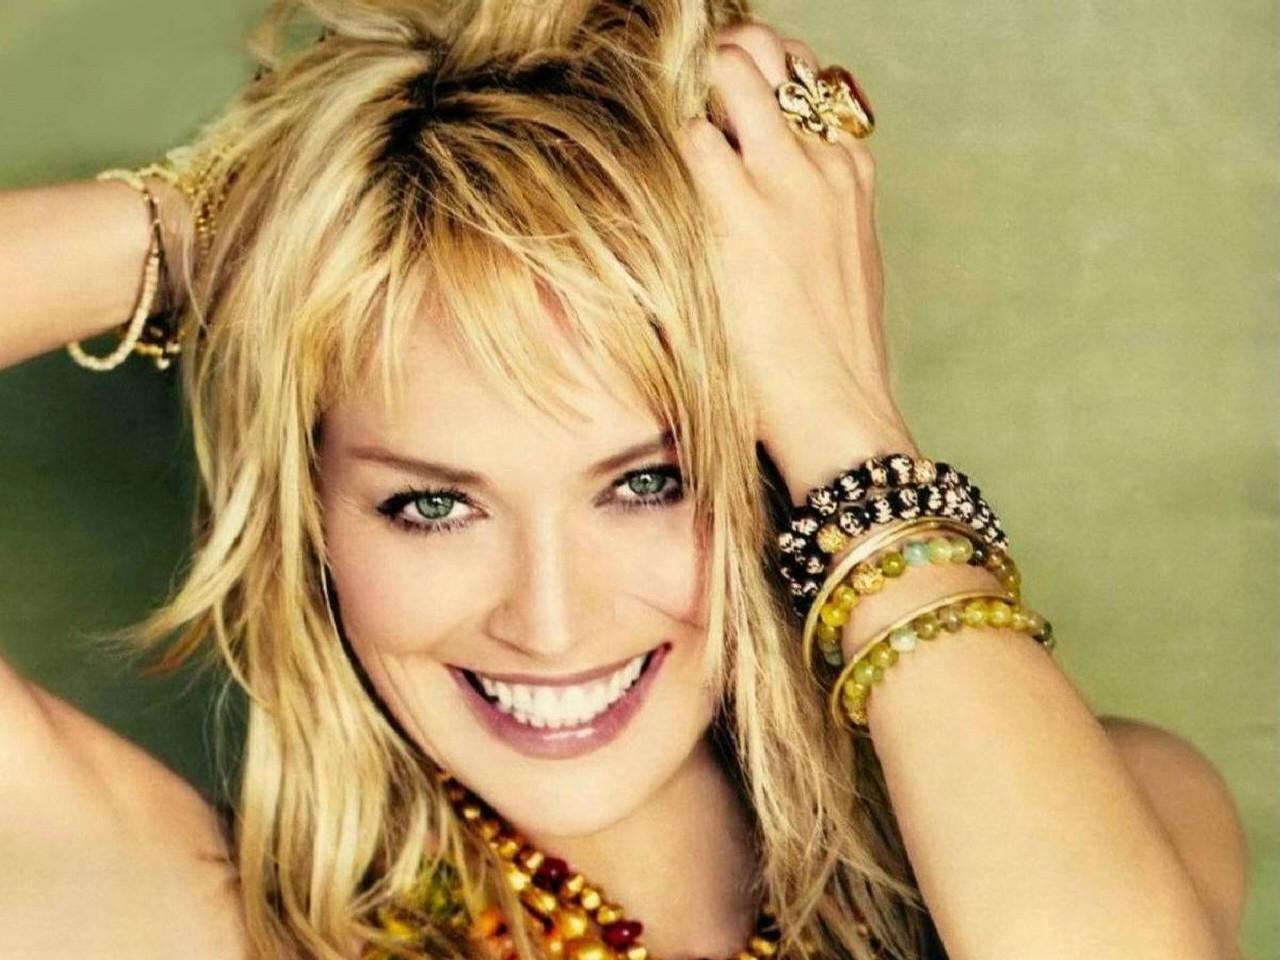 Wallpaper: un sorriso seducente per Sharon Stone